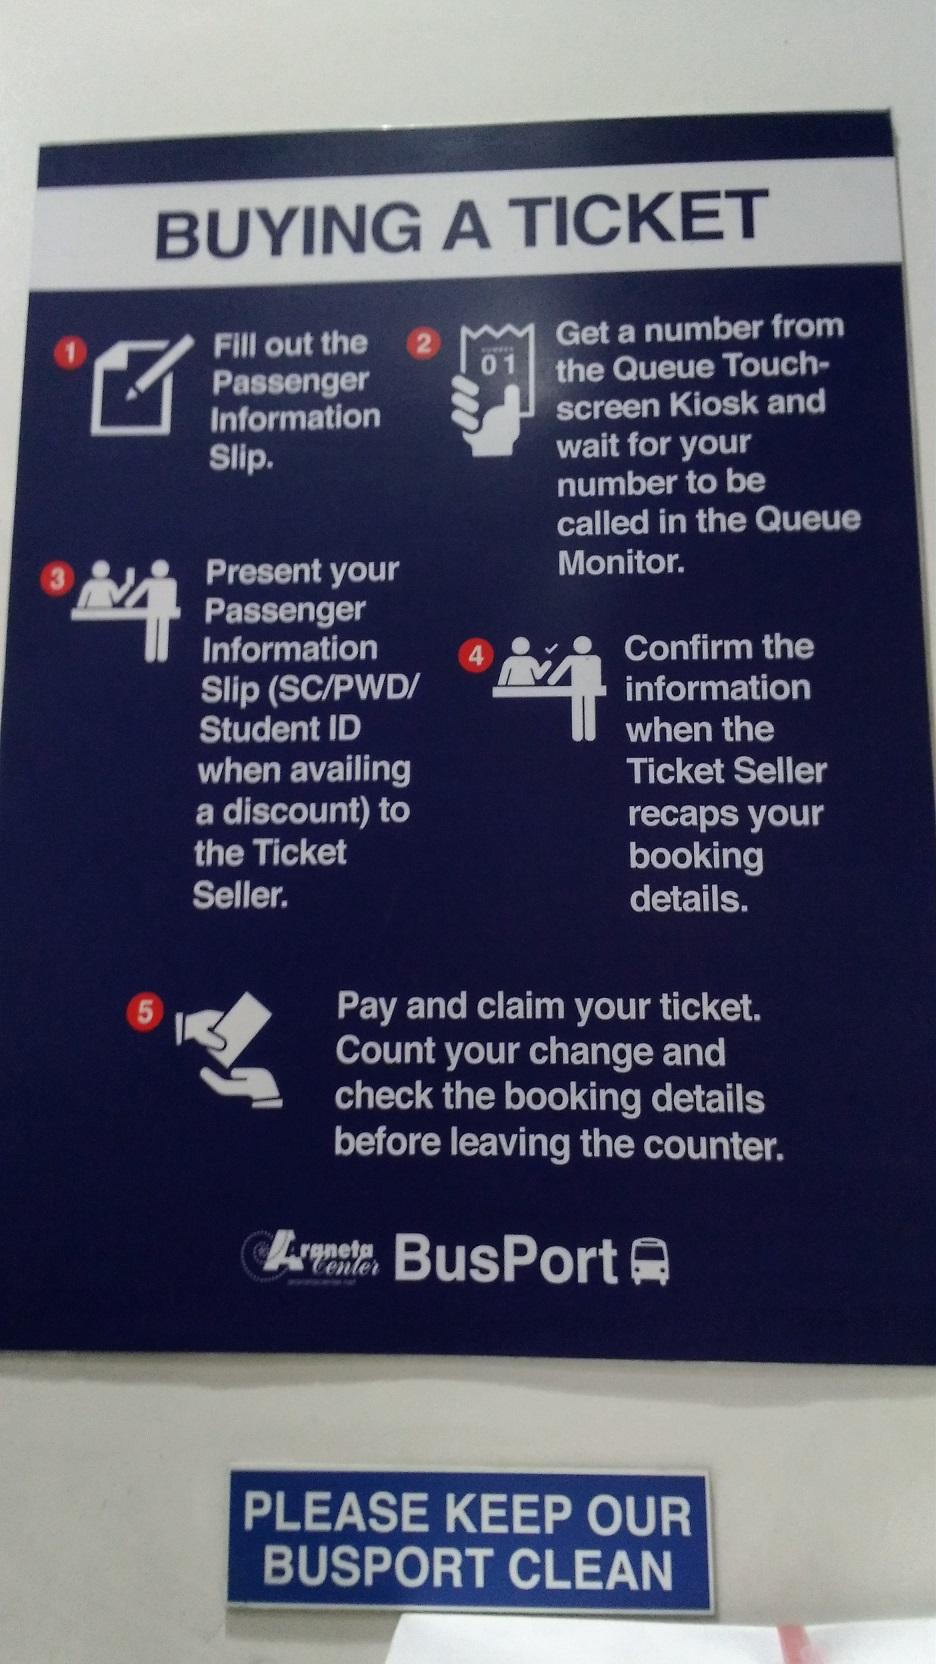 araneta center bus port (7)